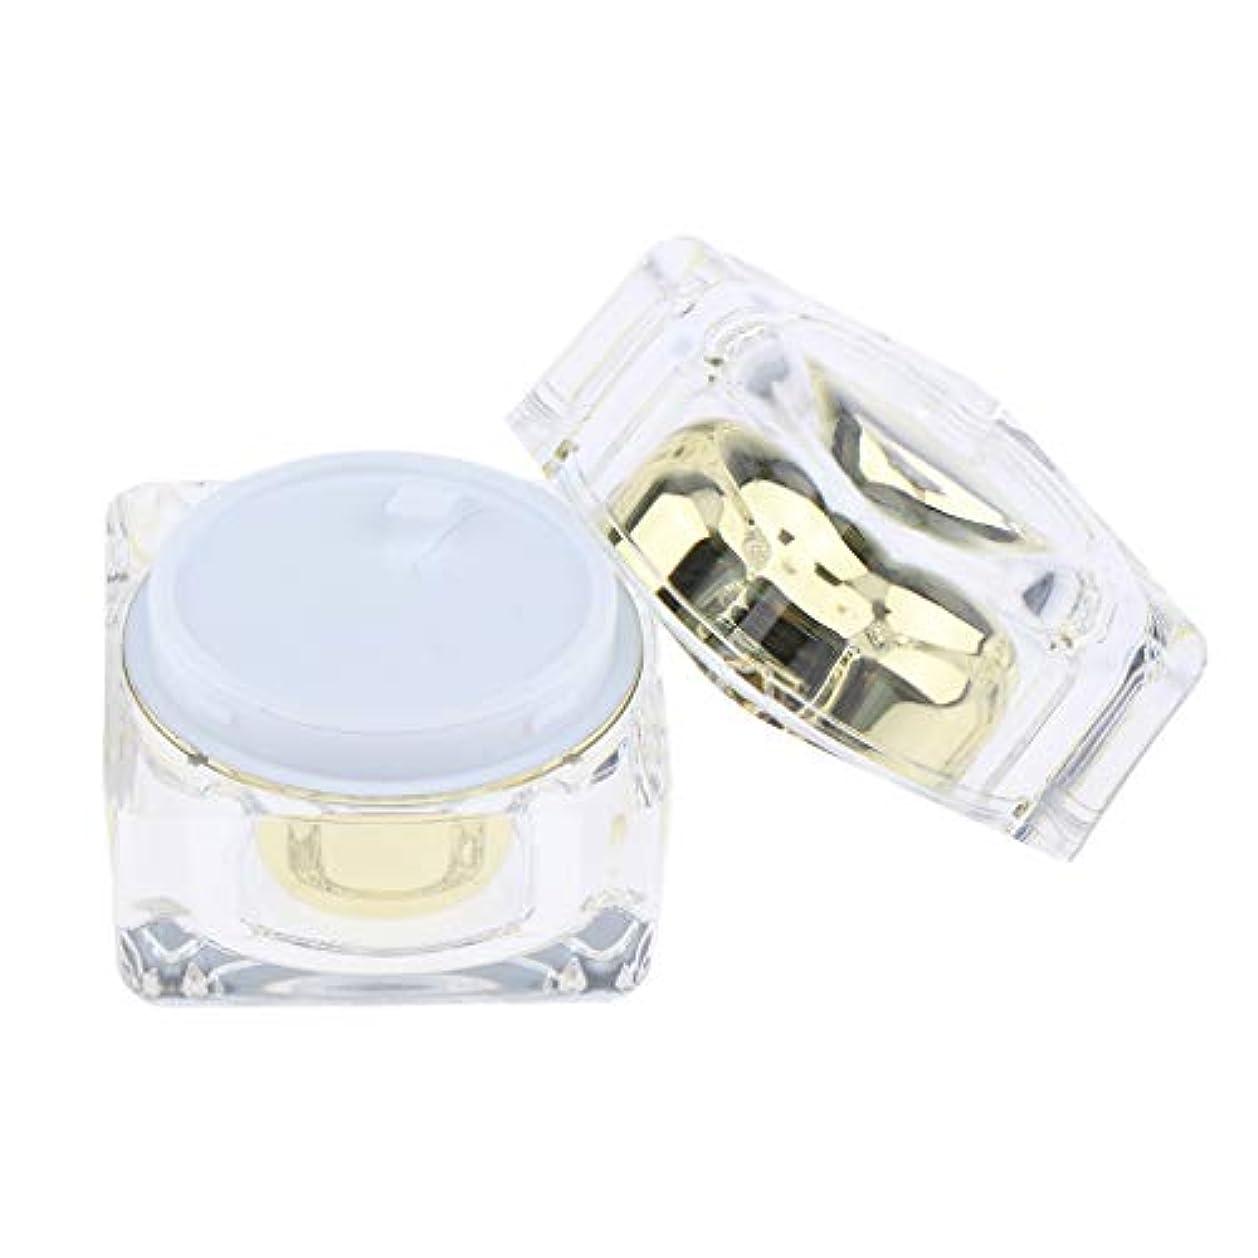 インカ帝国歌う最も遠い化粧品空の瓶ポットクリームリップクリームリップクリーム30g - ゴールデン